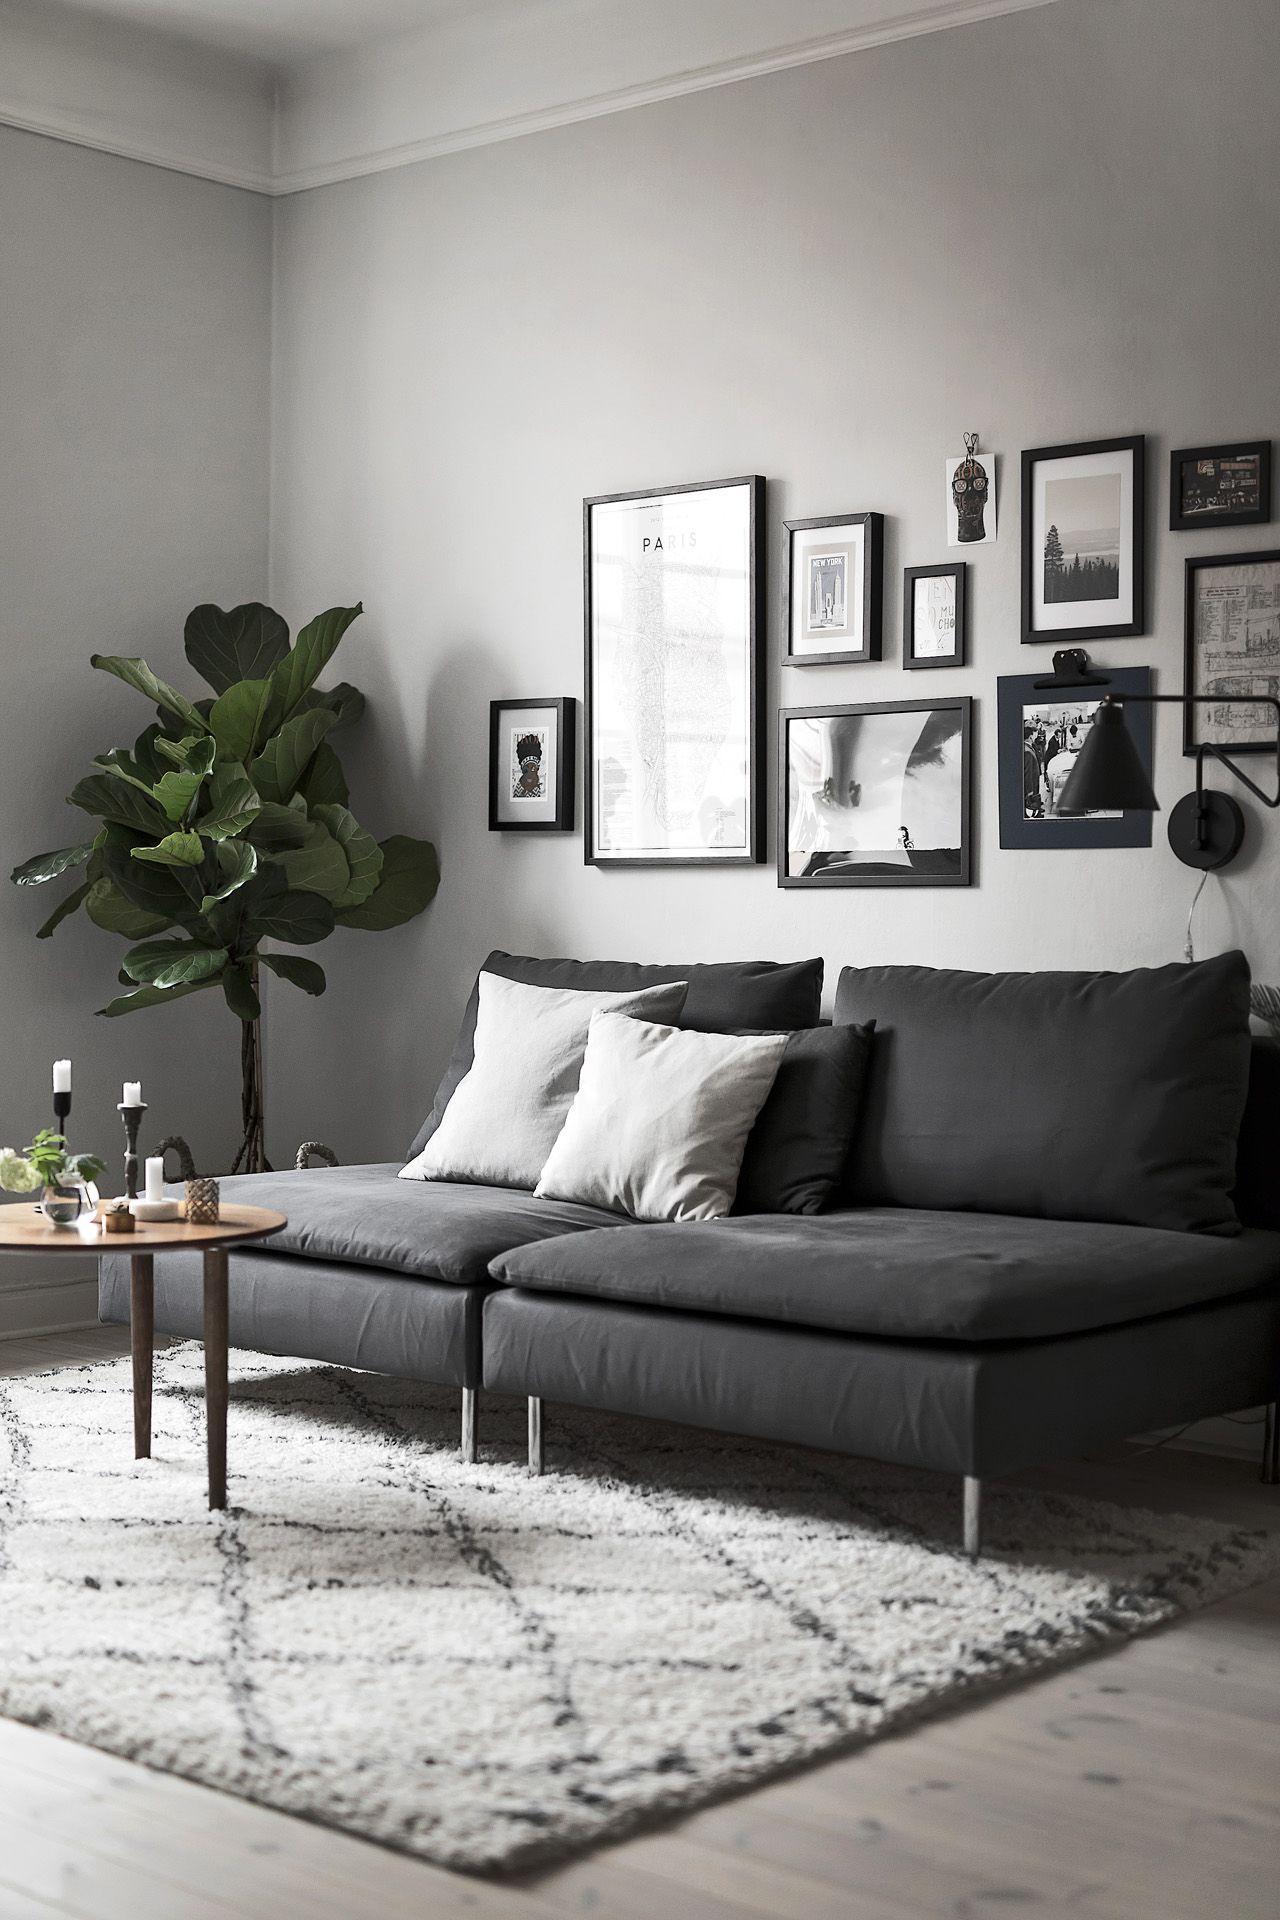 Creutzgatan 9 Styling Rydstromskan Foto Kronfoto Wohnen Wohnung Neue Wohnung